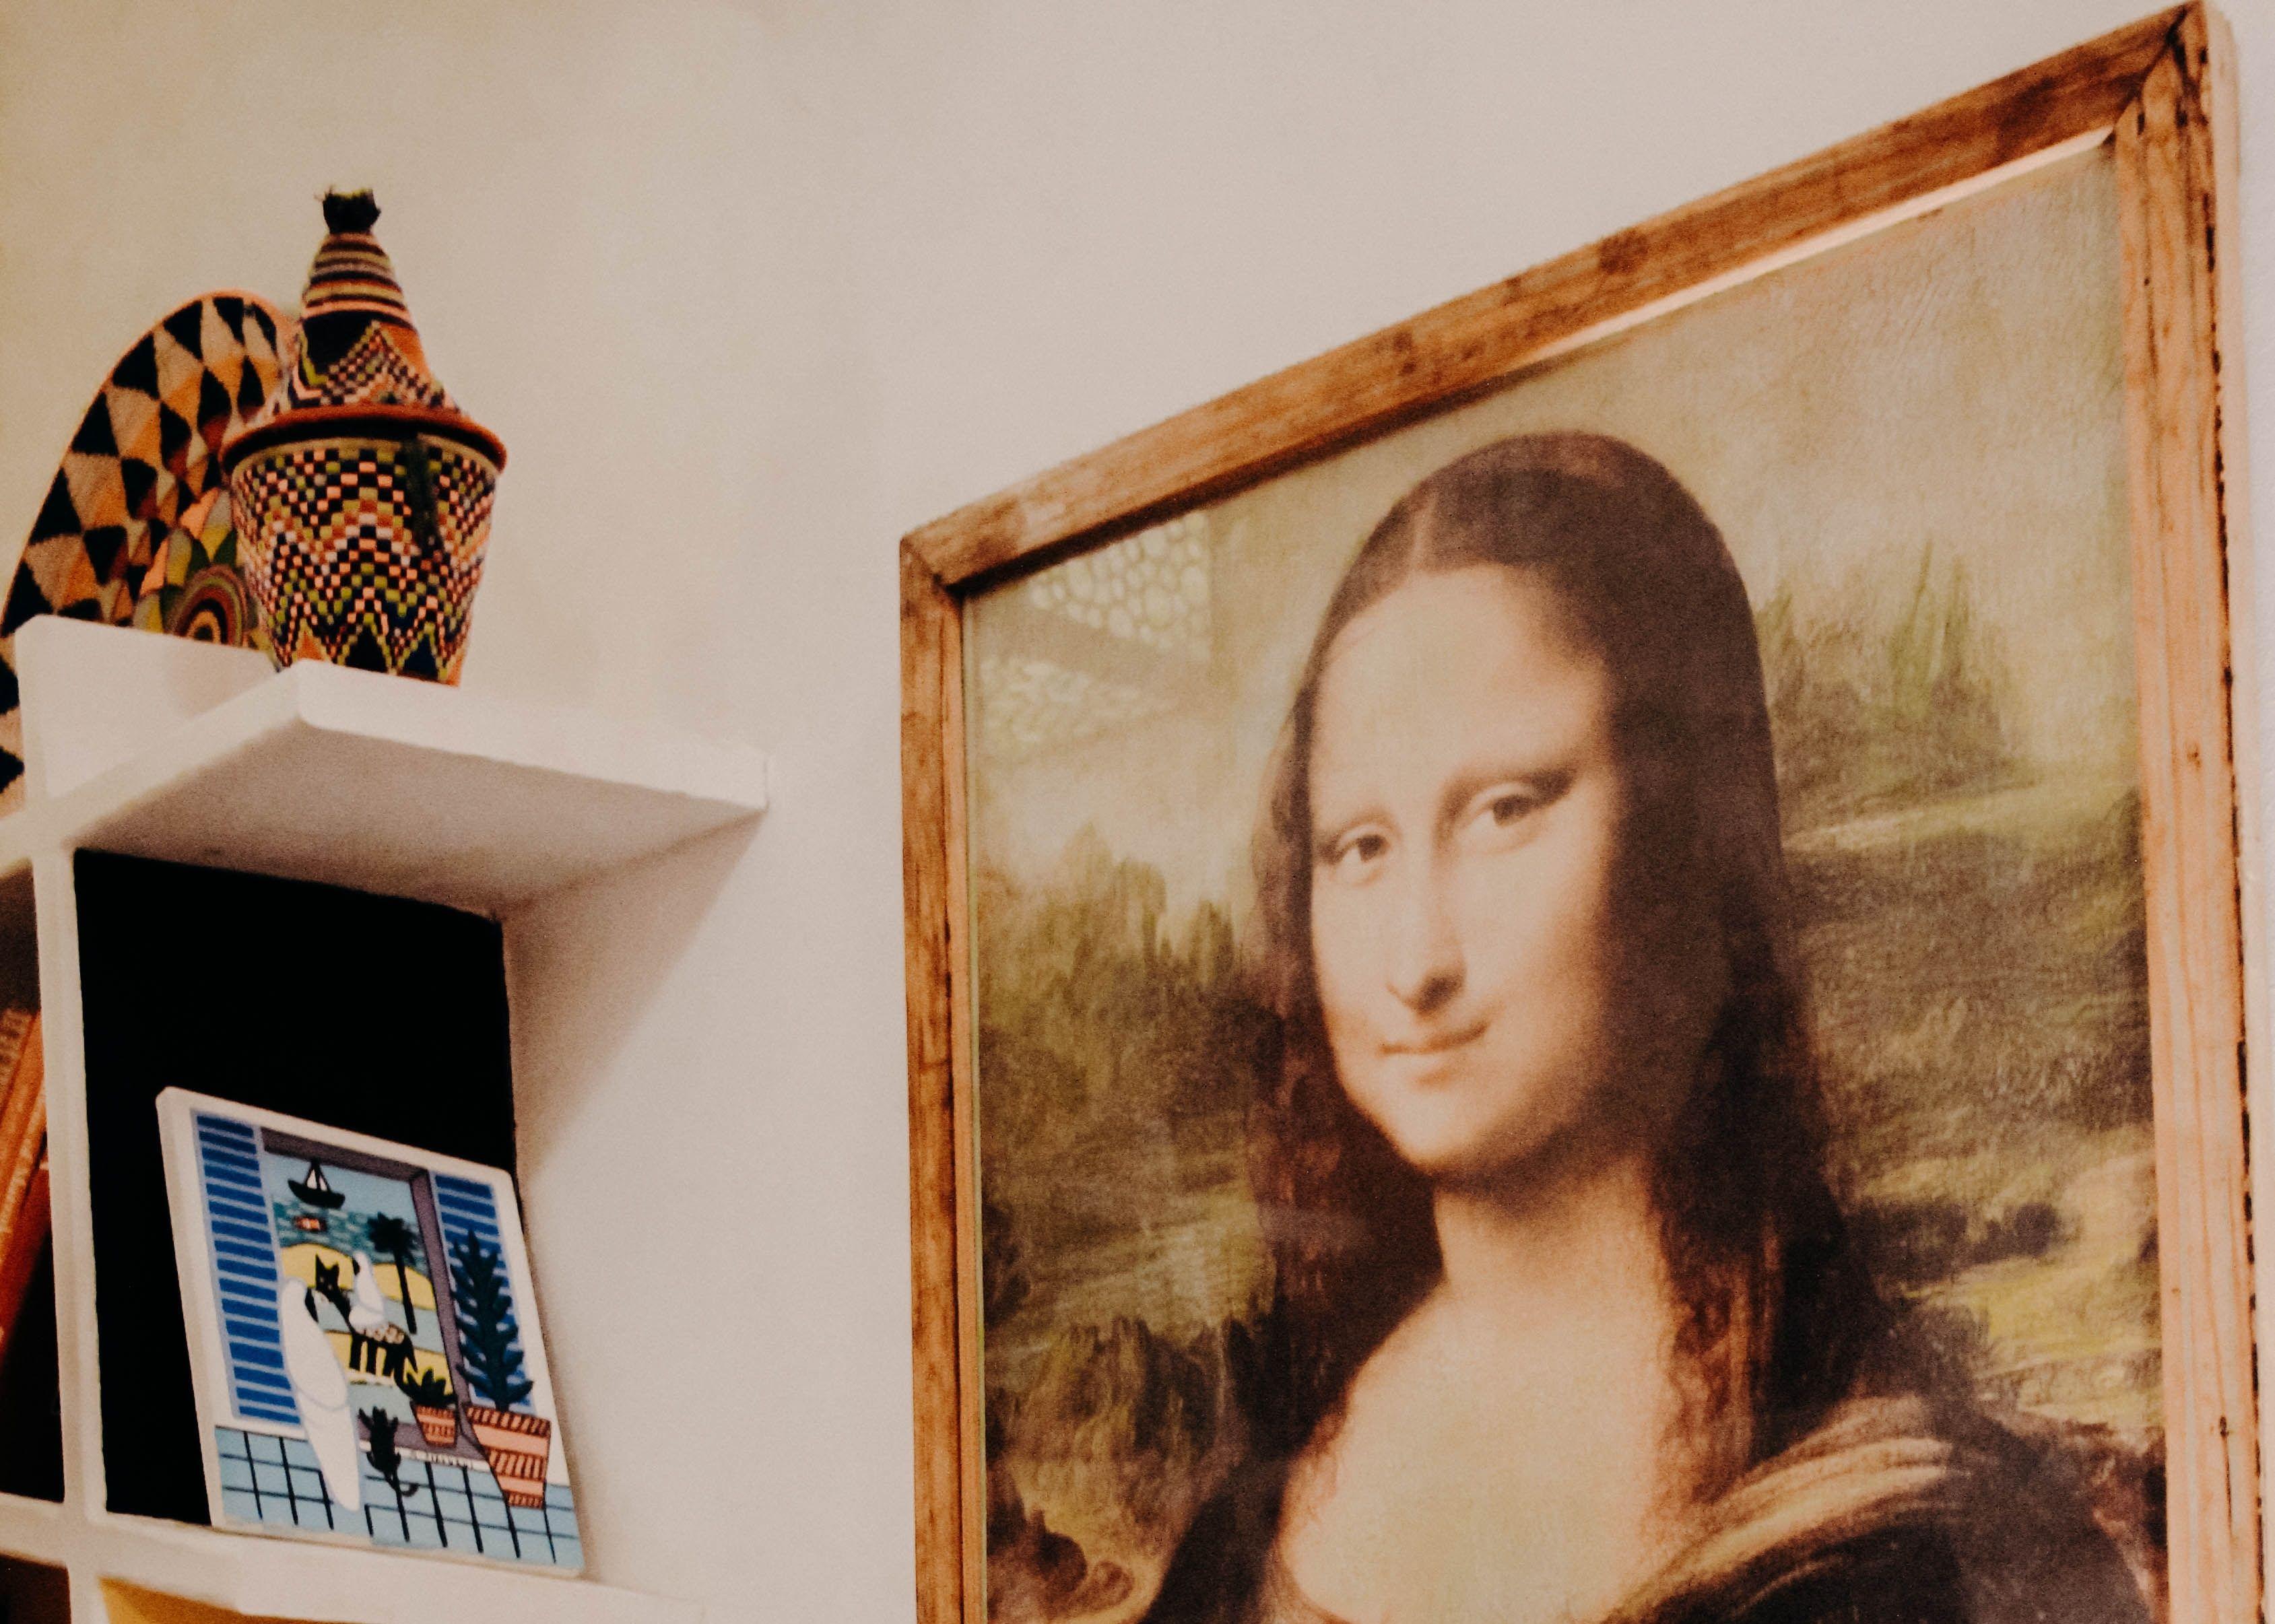 الموناليزا لوحة الفتاة صاحبة أجمل ابتسامة في تاريخ الفن Painting Art Deco Paintings Buy Paintings